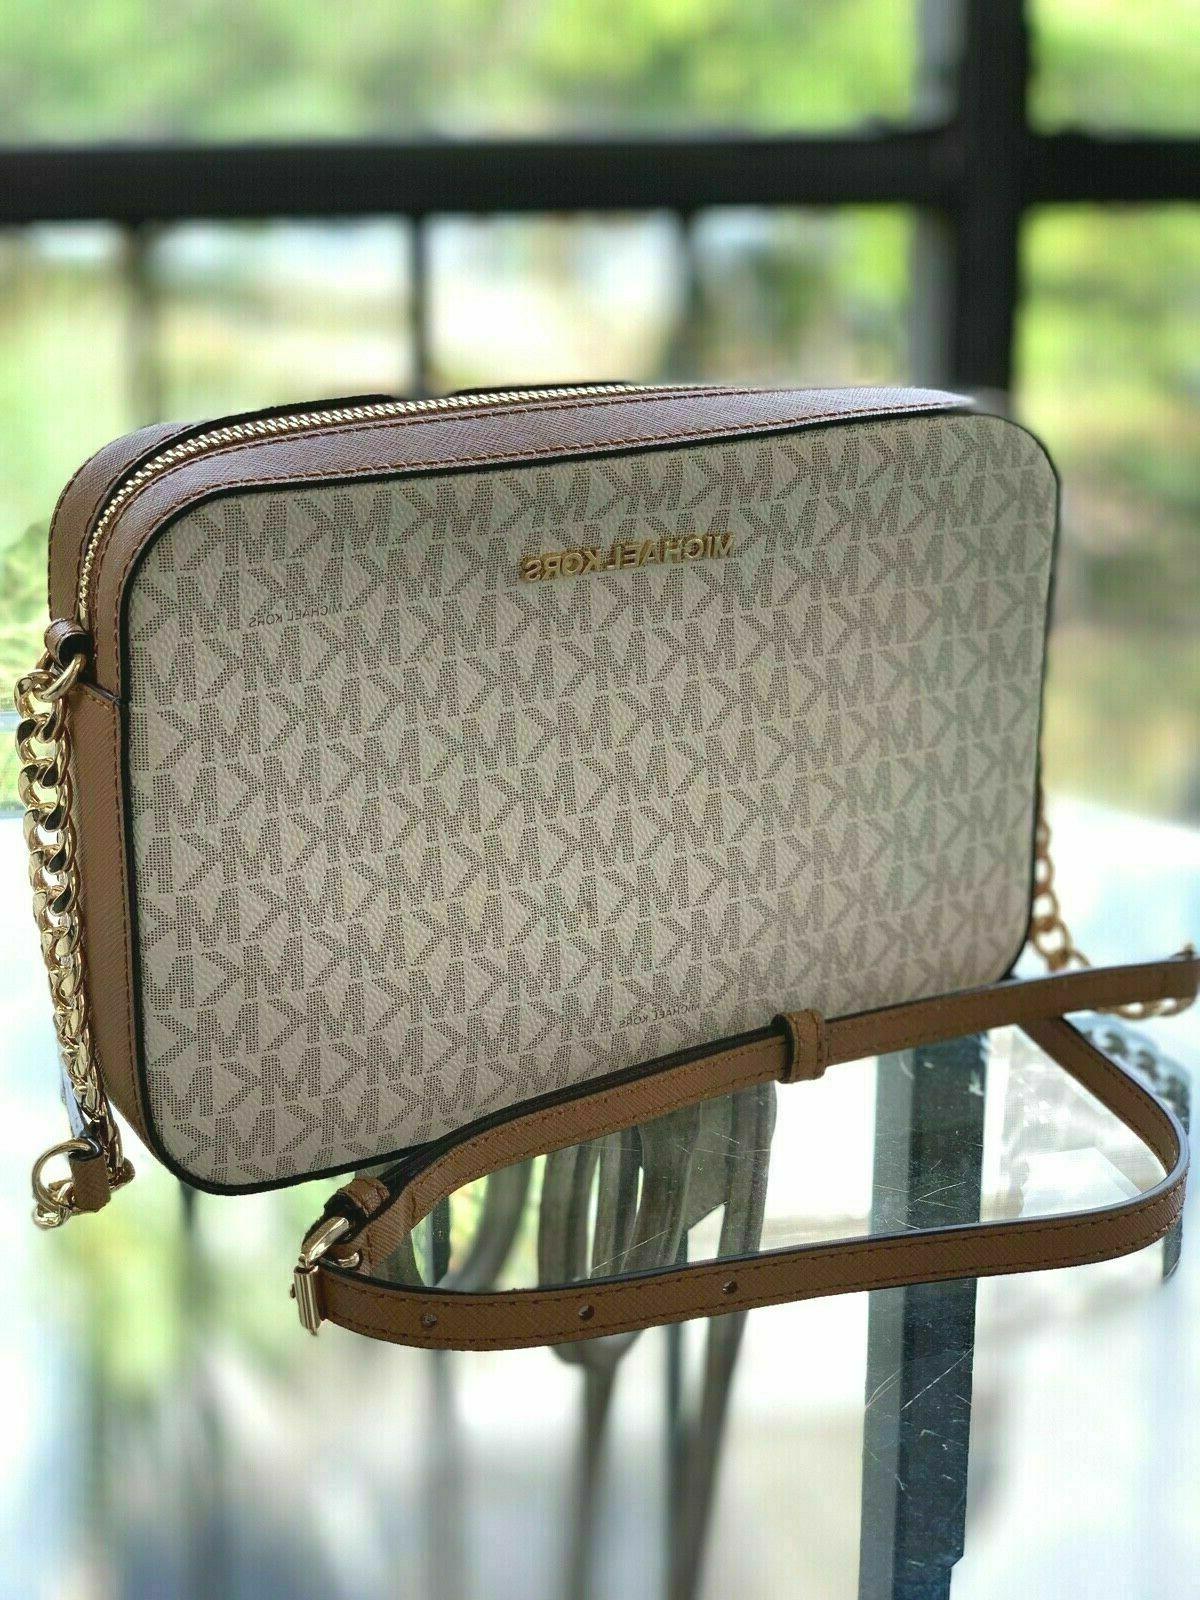 Messenger Chain Bag Shoulder Handbag Purse